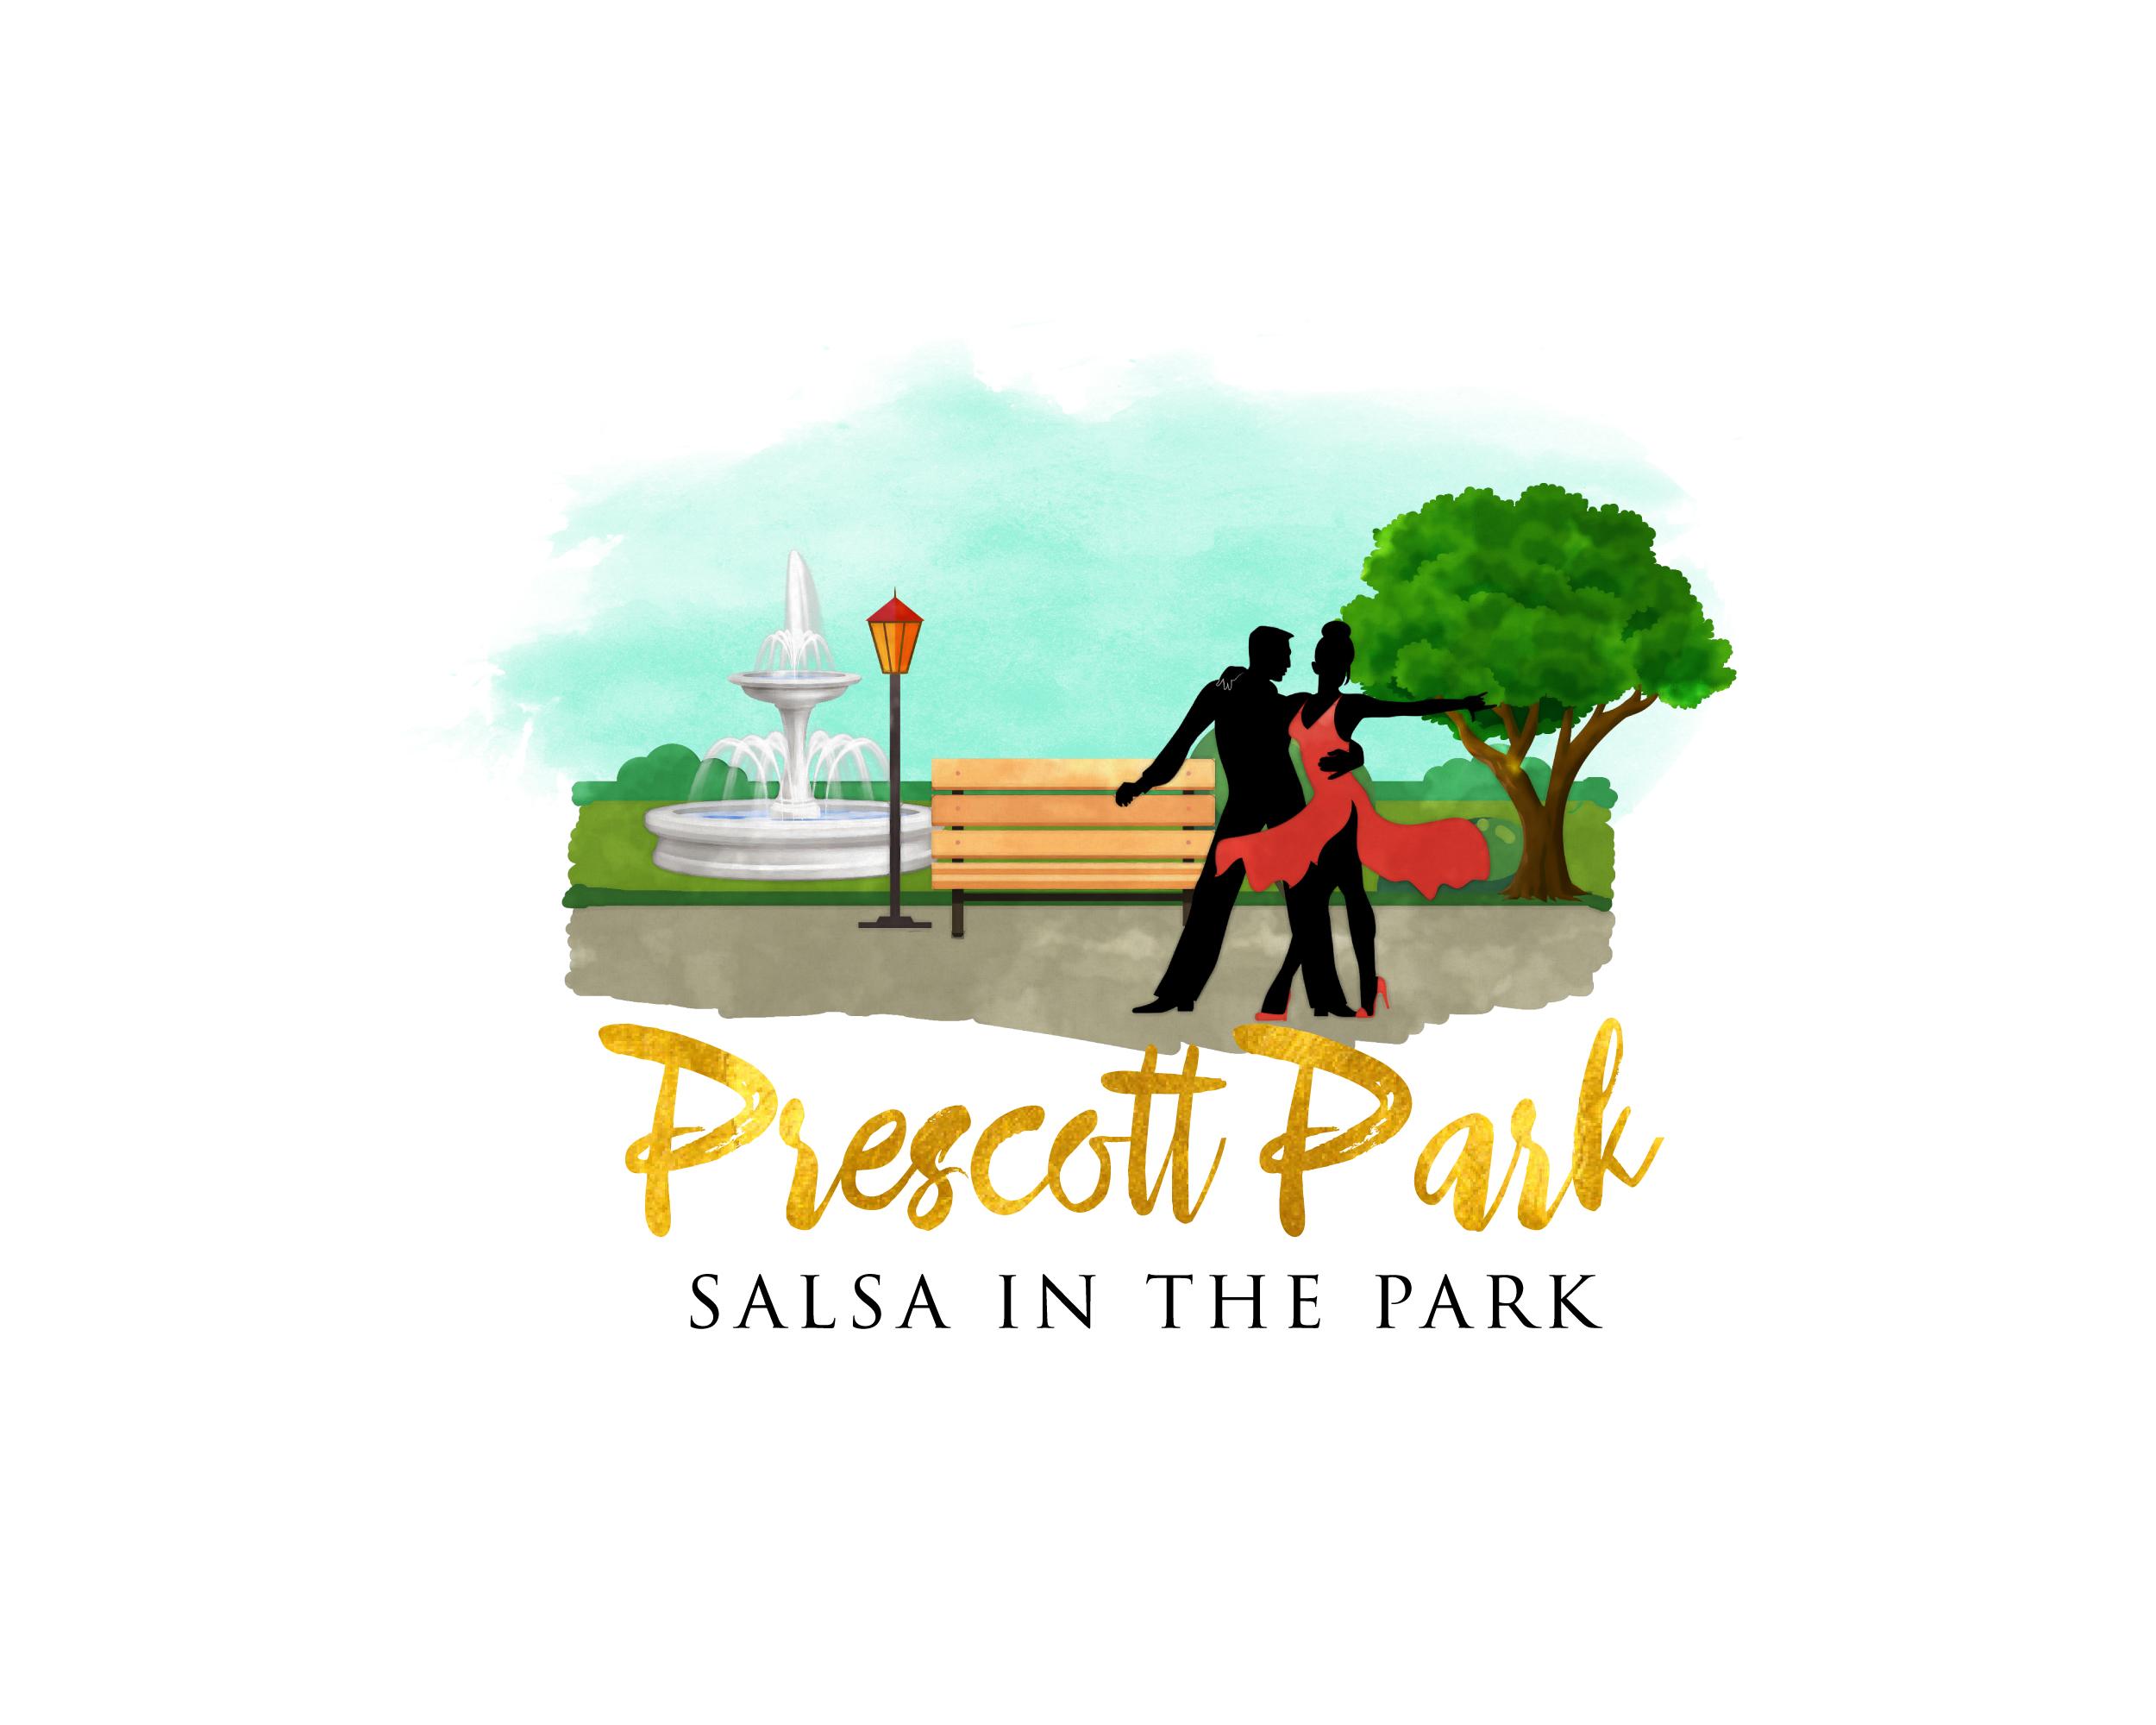 Prescott Park park salsa Portsmouth